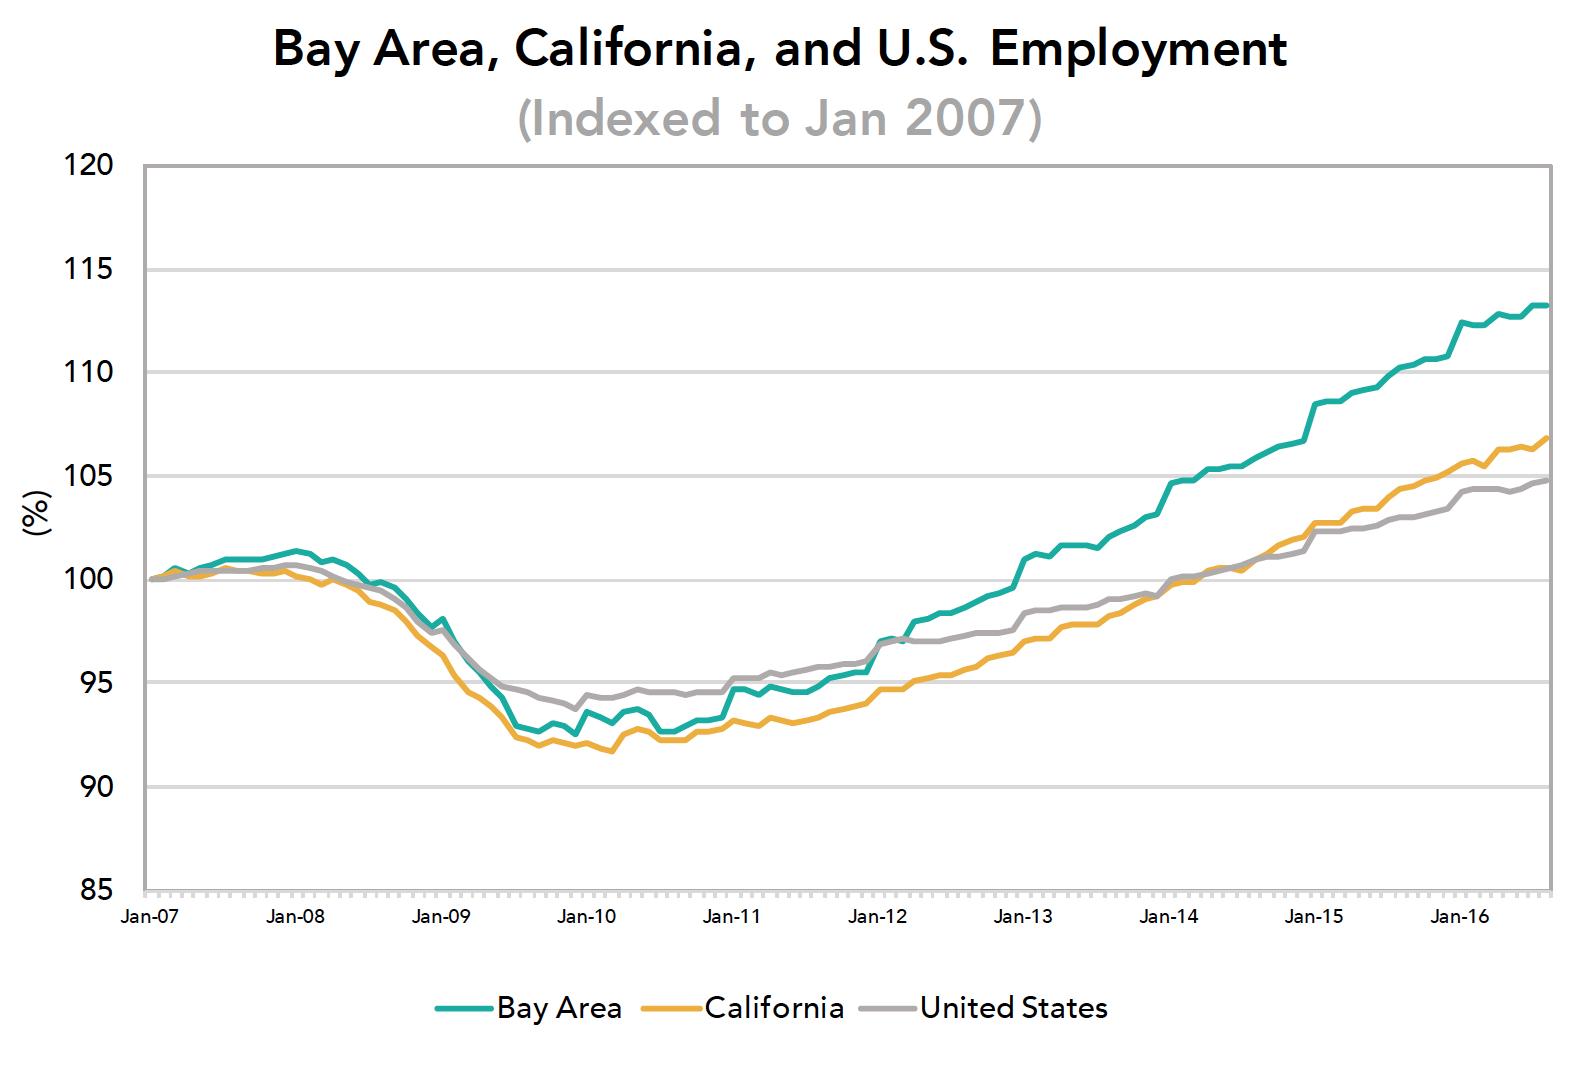 ba-ca-us-employment